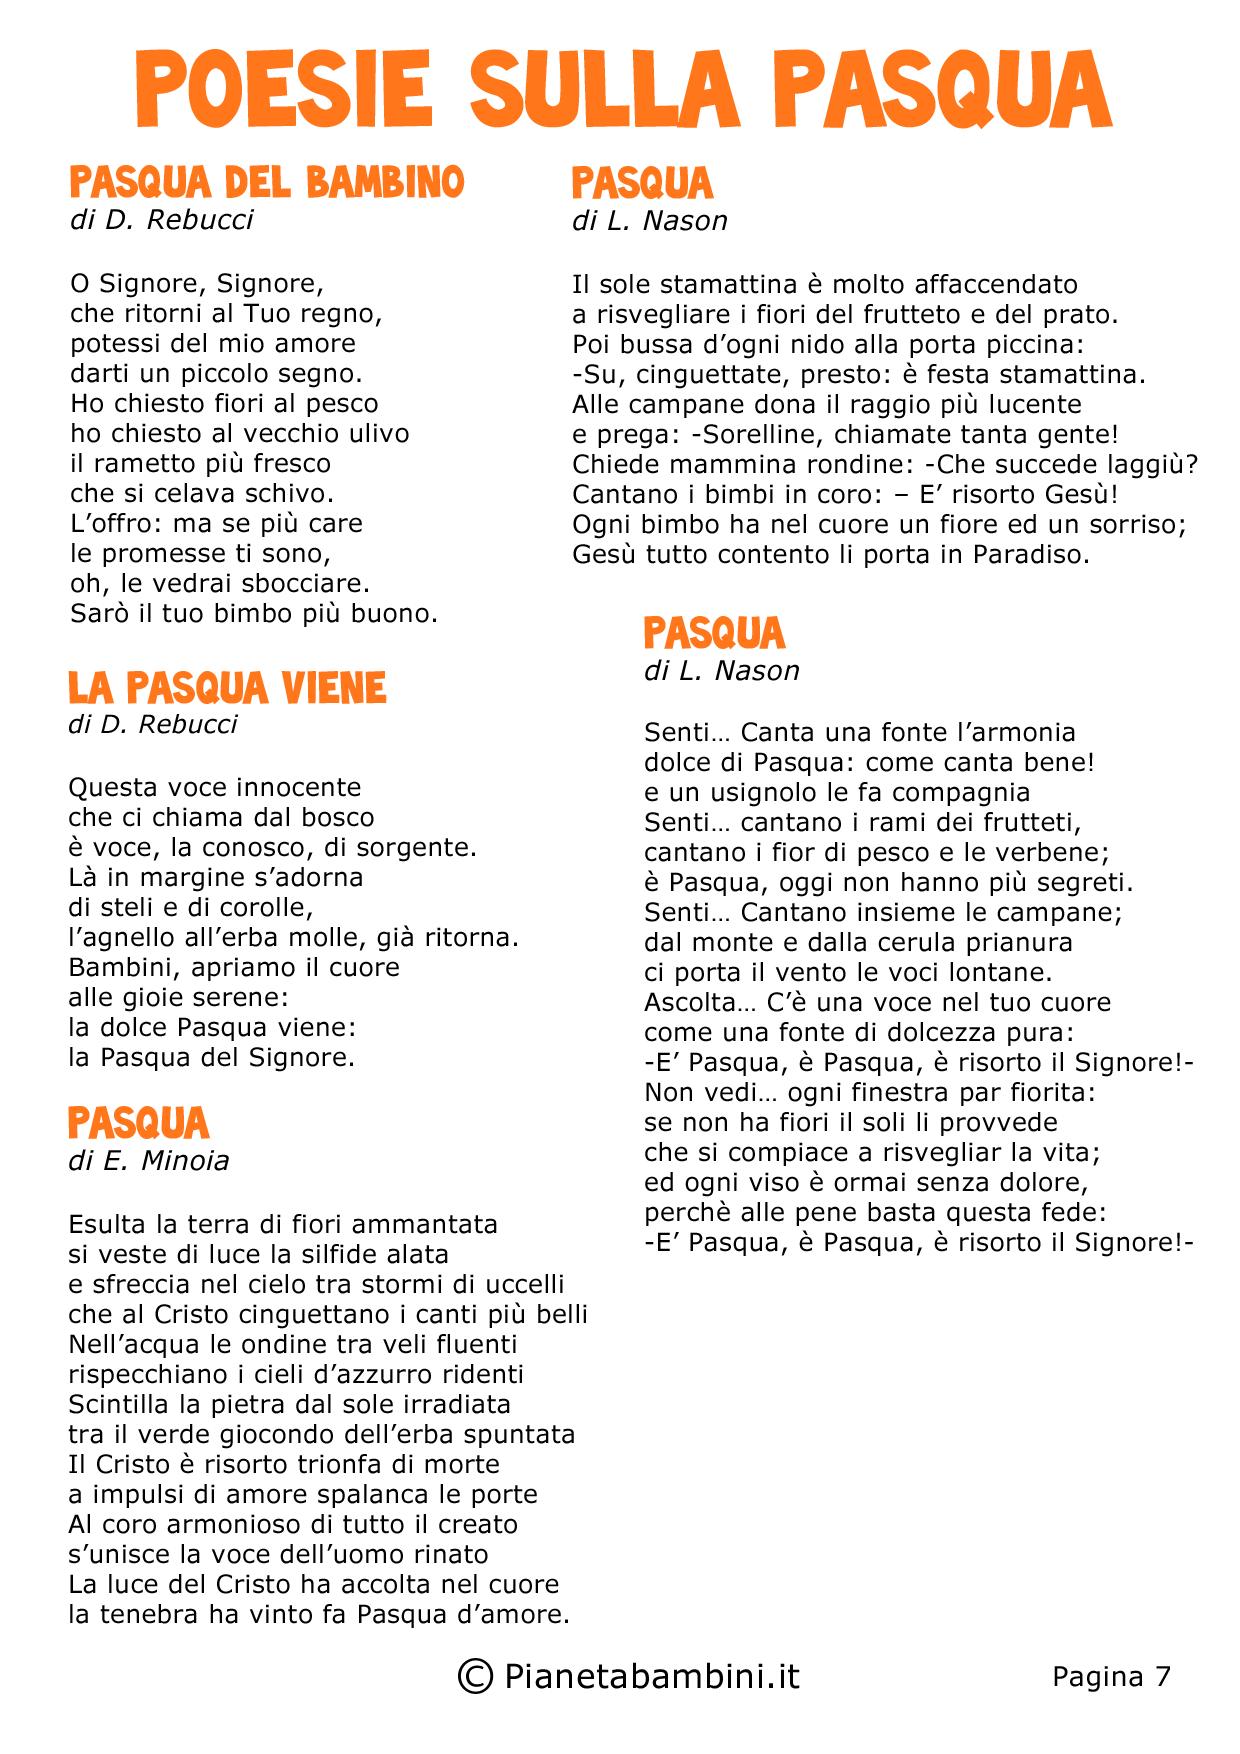 Poesie-Pasqua_07